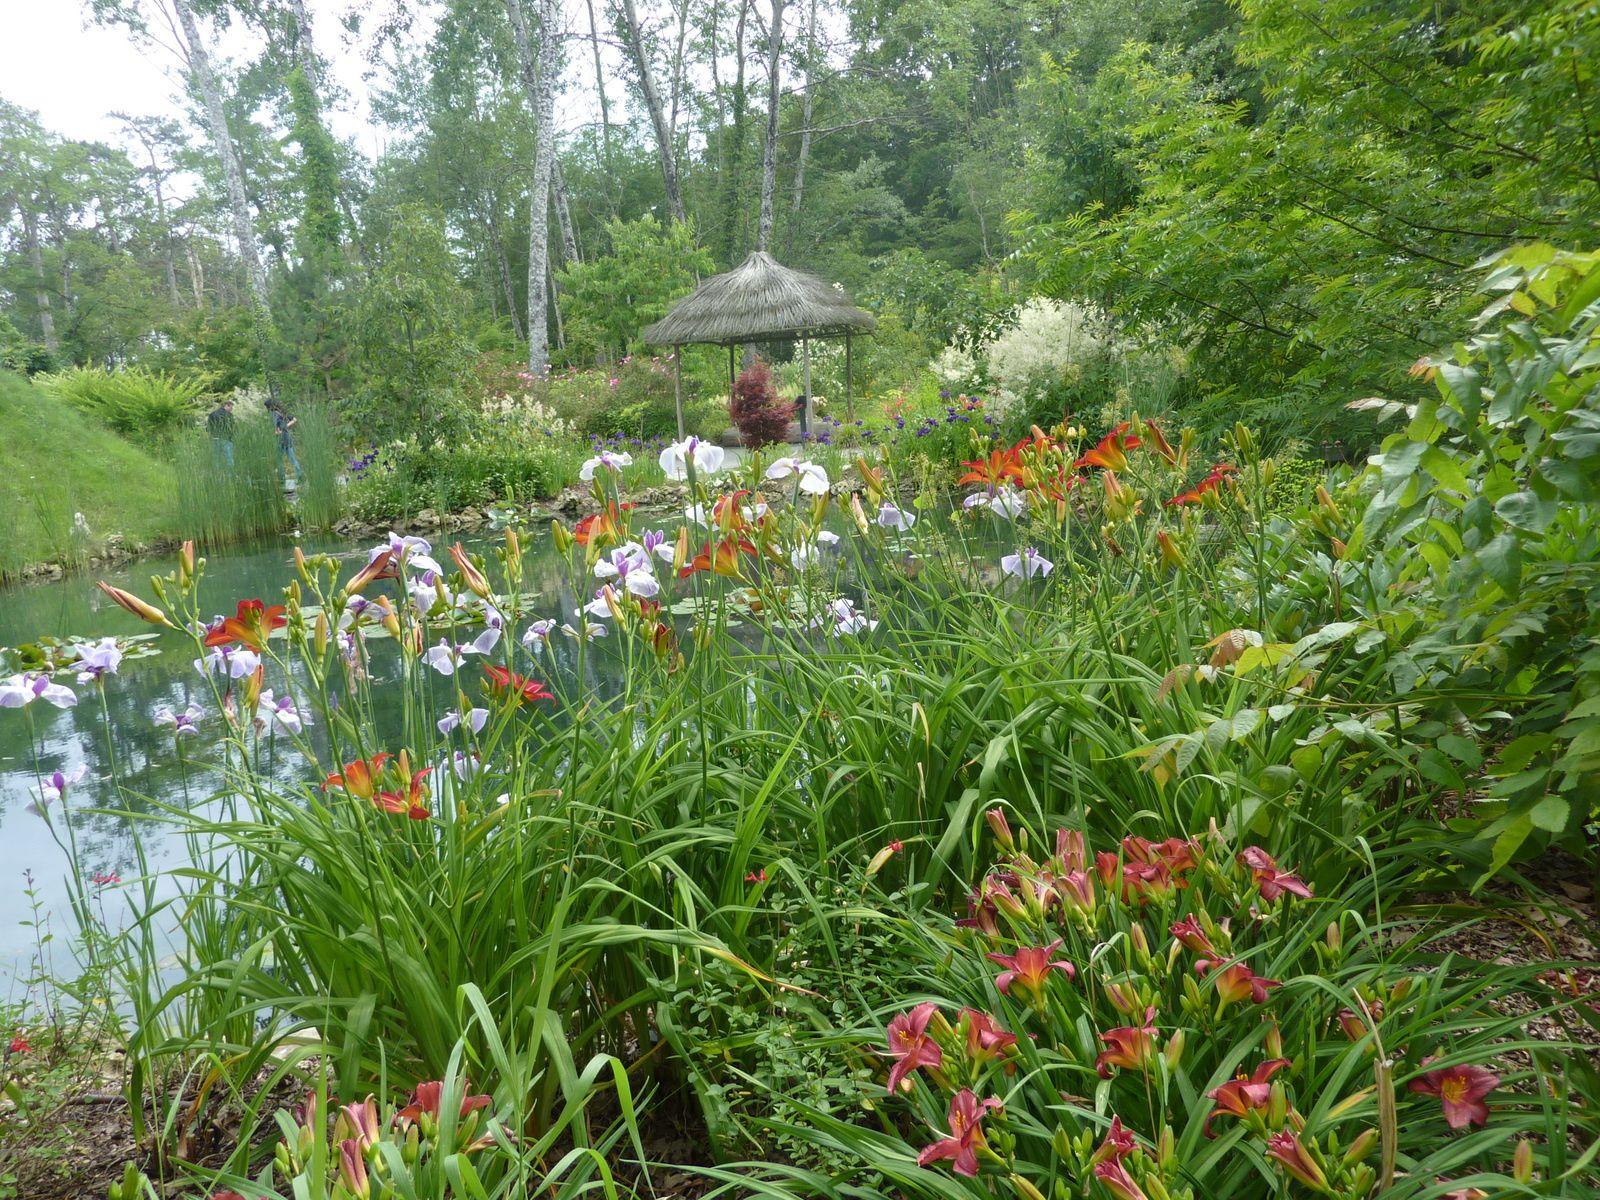 Les jardins chinois à Chaumont sur Loire